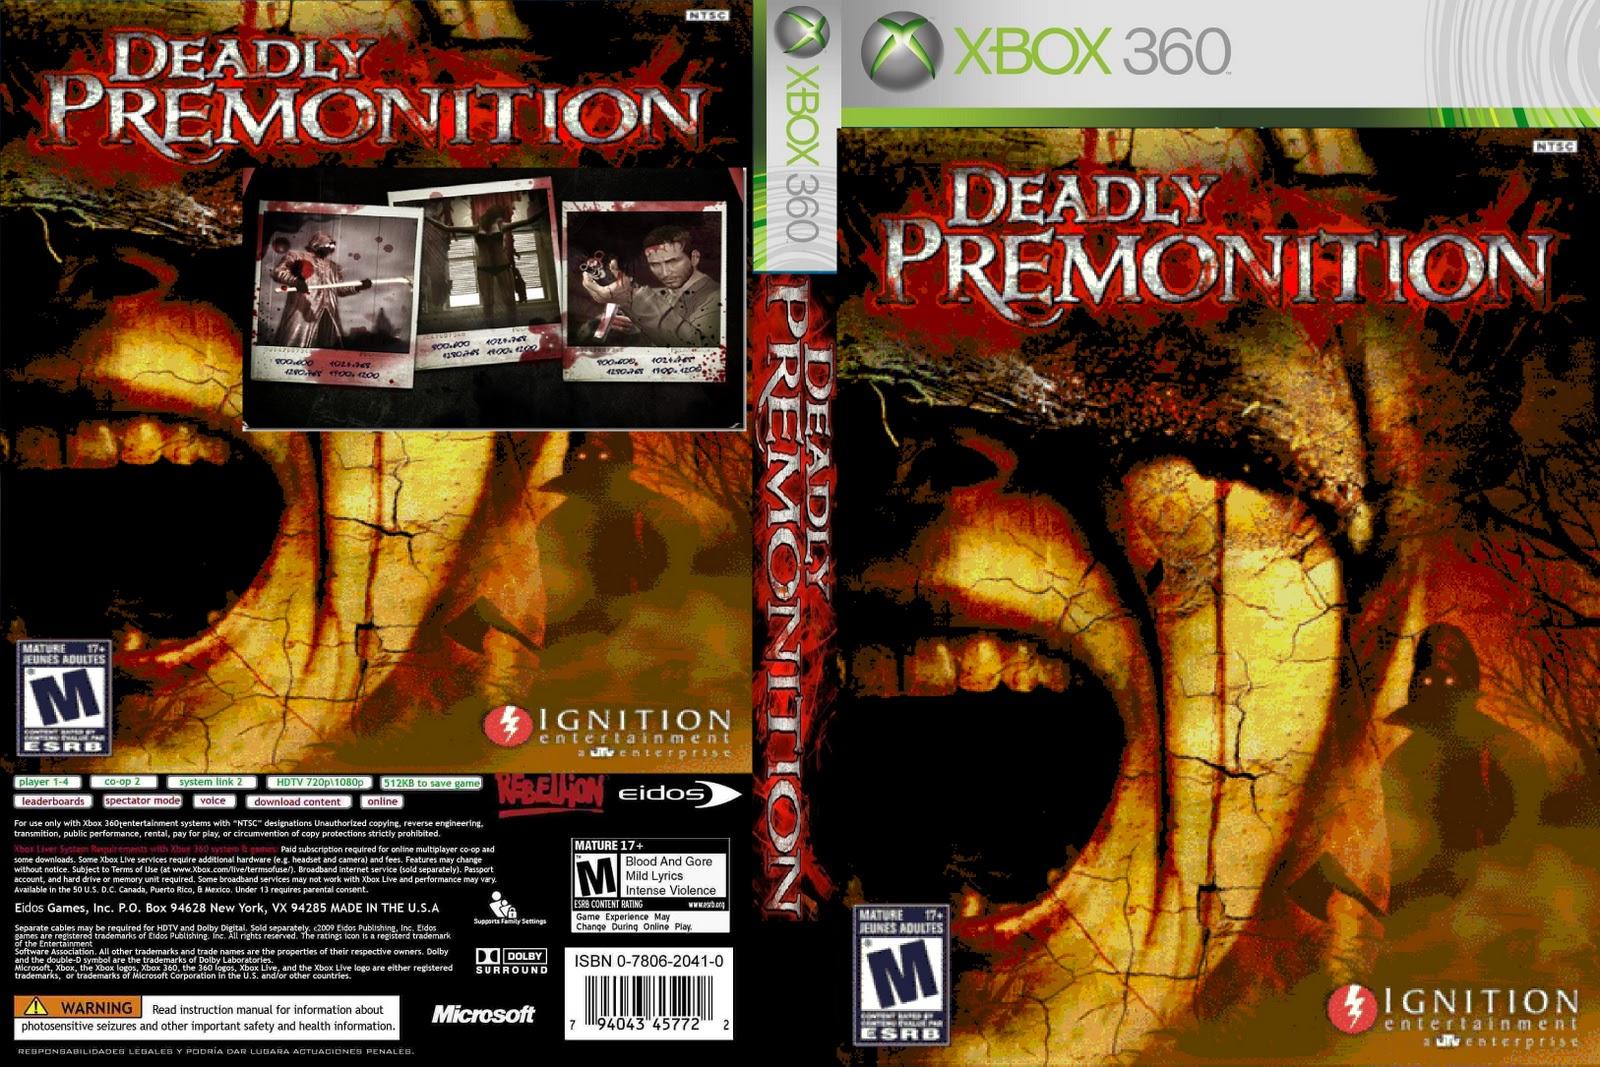 Book Cover Pictures Xbox ~ Capas primo games as melhor de xbox